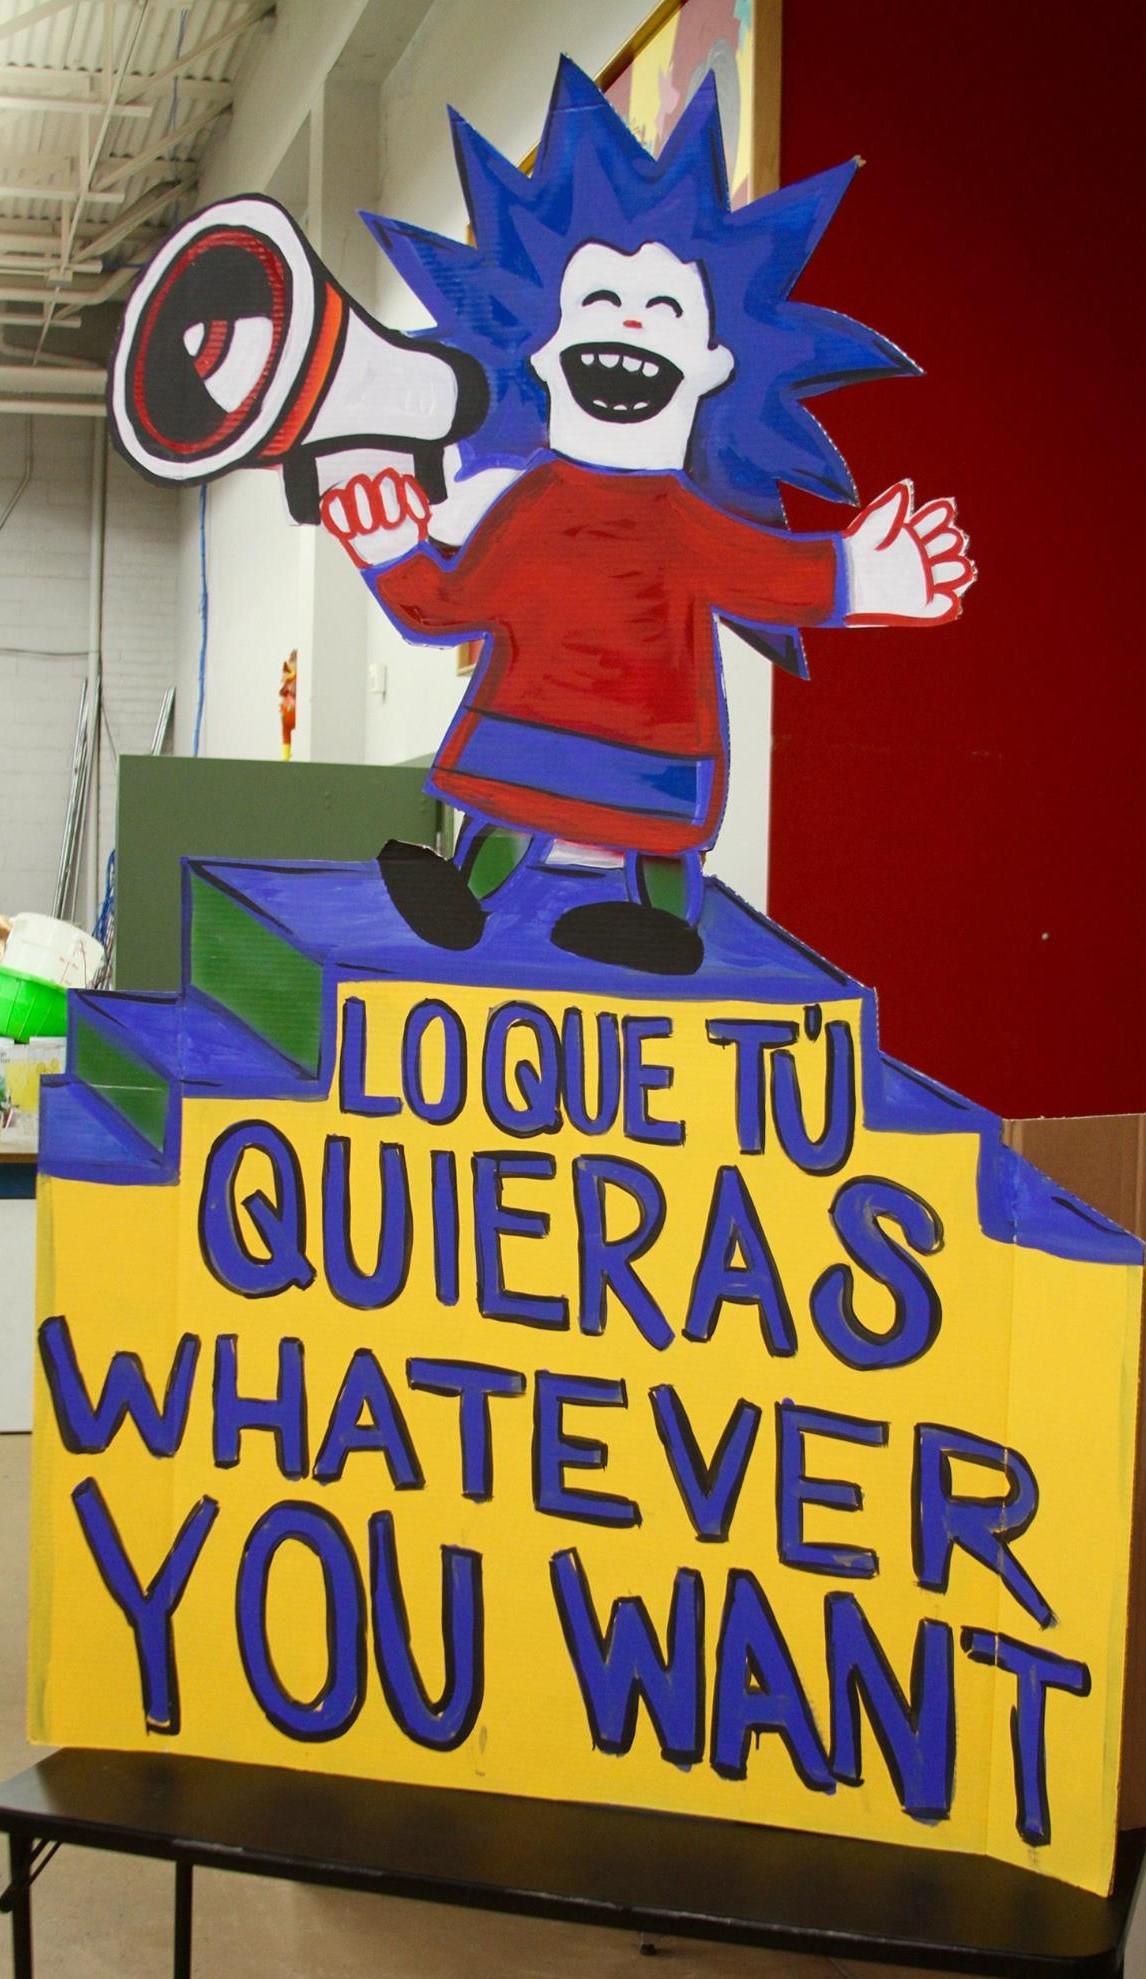 'Welcome'. Photo credit: Luis Hernández from El Diario de El Paso.